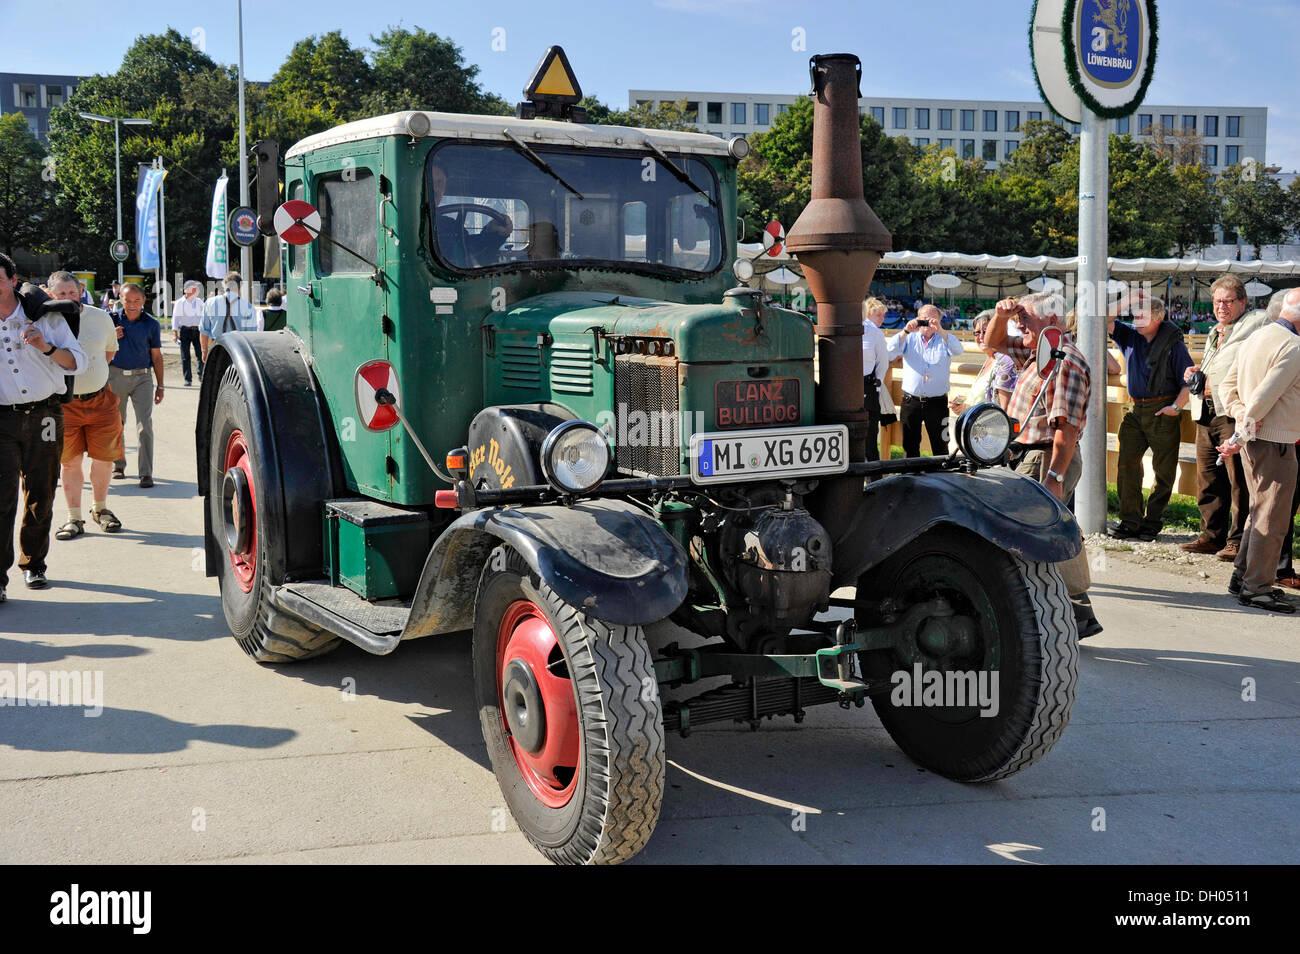 alte lanz bulldog traktor von 1939 historische oktoberfest m nchen bayern oberbayern. Black Bedroom Furniture Sets. Home Design Ideas